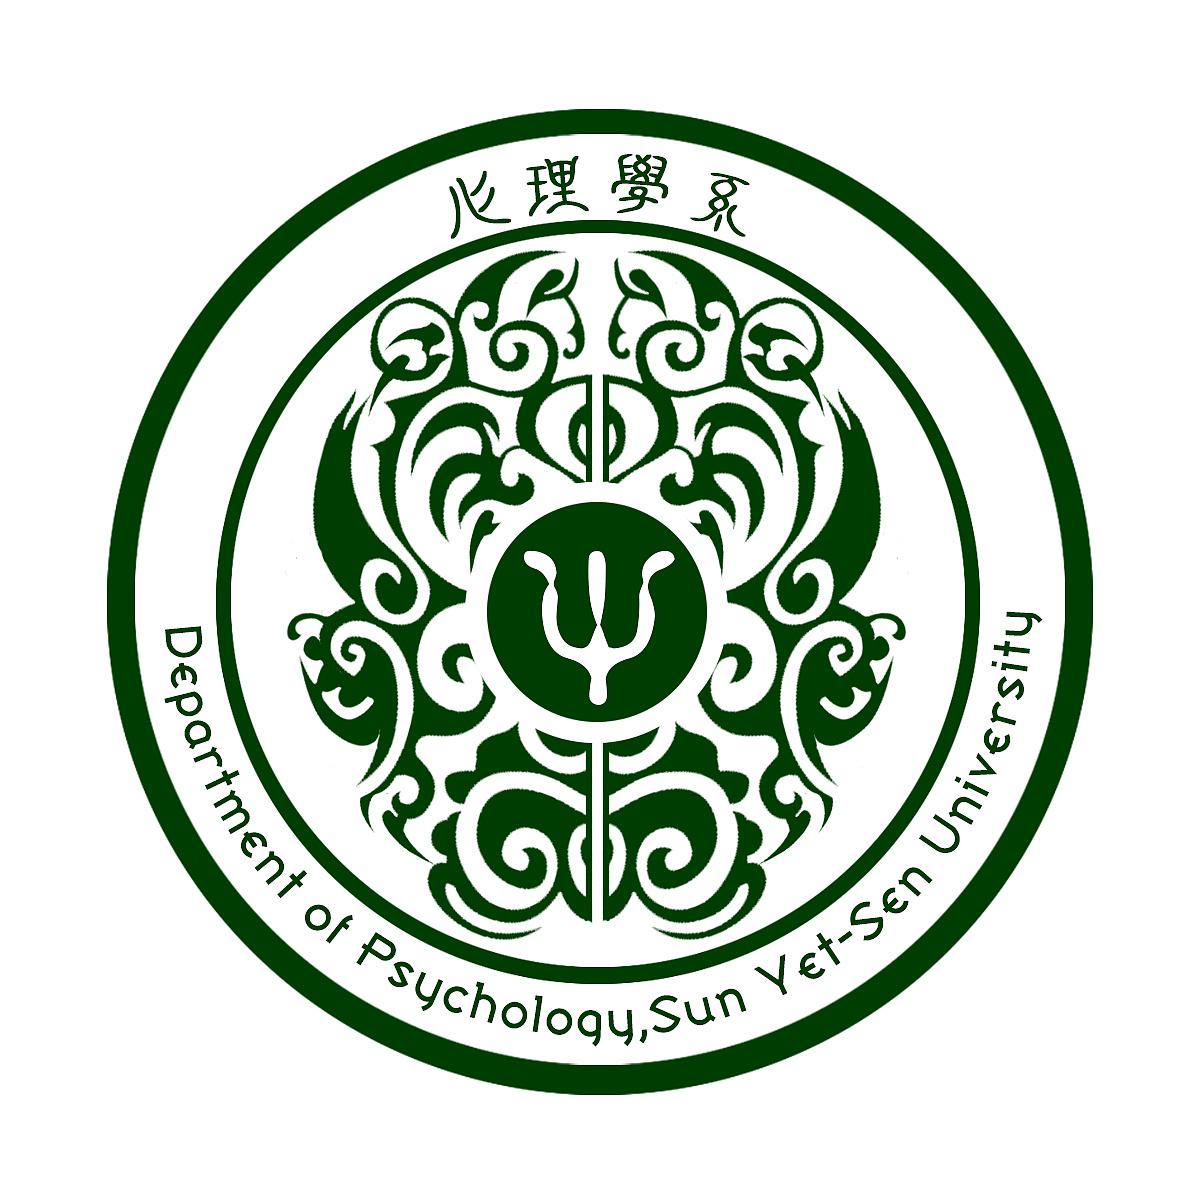 今年的系徽设计图片